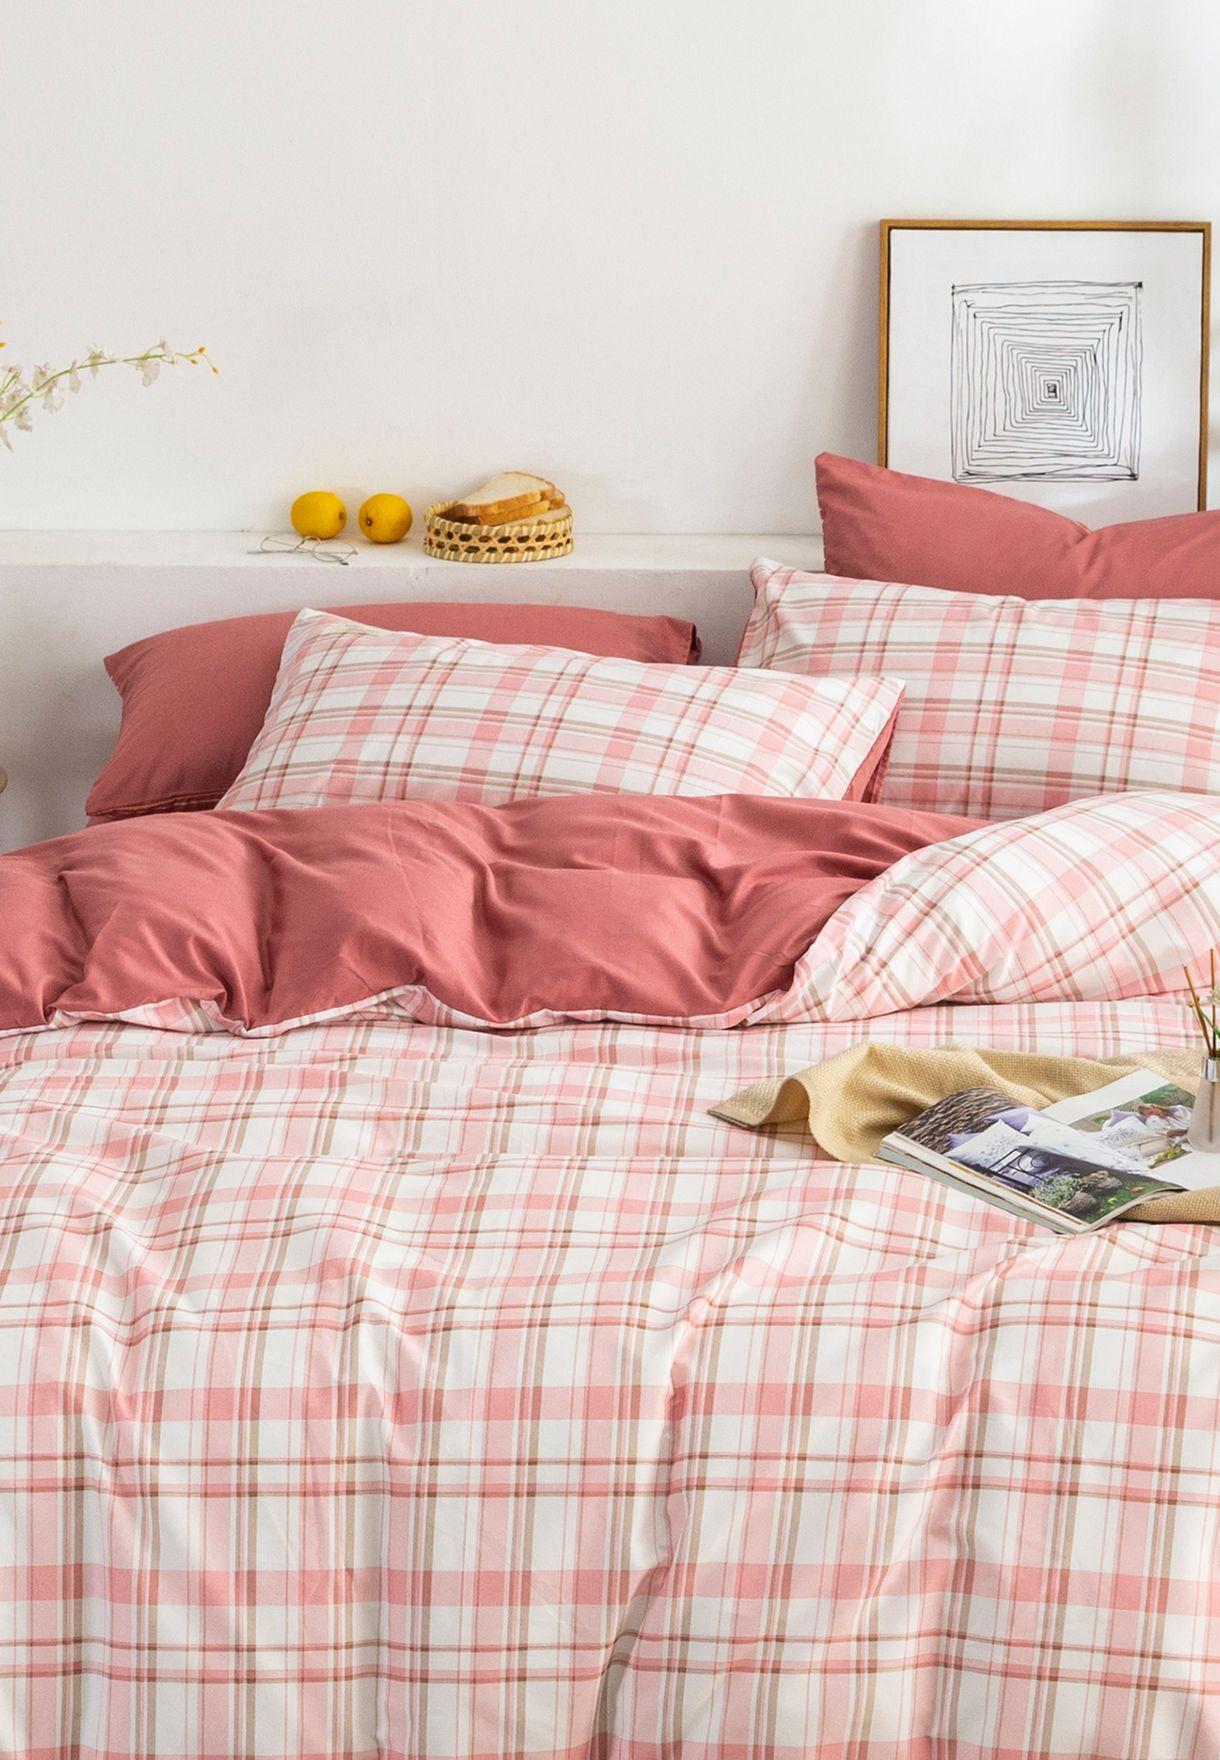 أغطية سرير كبير (4 قطع) 200 x 230 سم